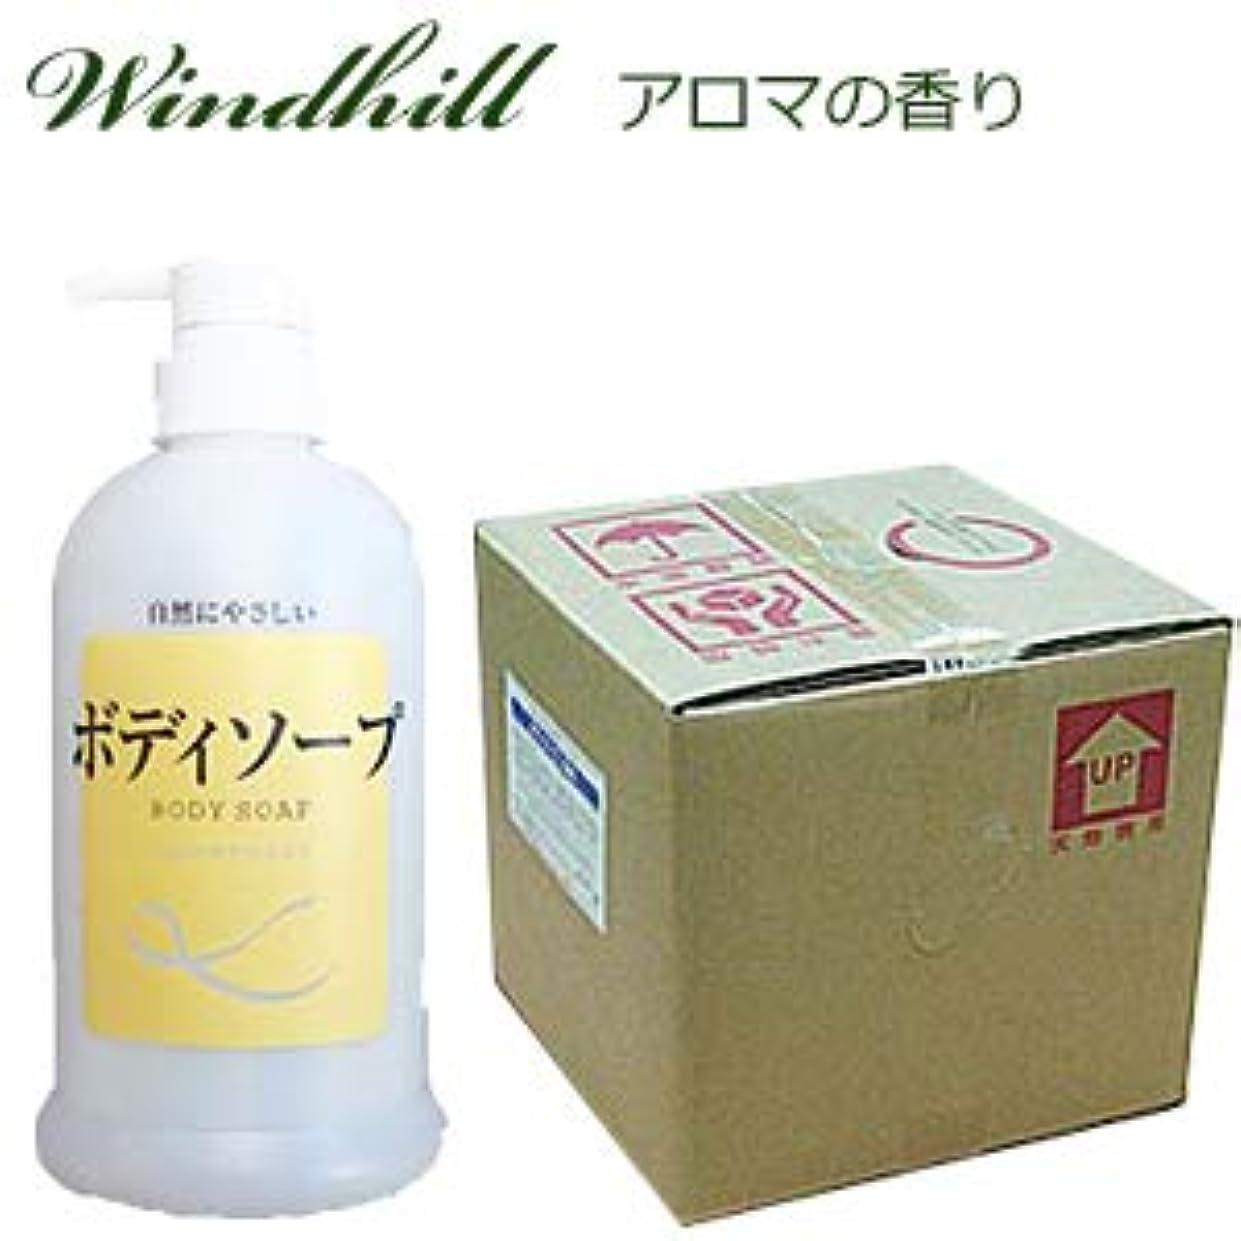 元に戻す効果取り壊すなんと! 500ml当り188円 Windhill 植物性業務用 ボディソープ  紅茶を思うアロマの香り 20L